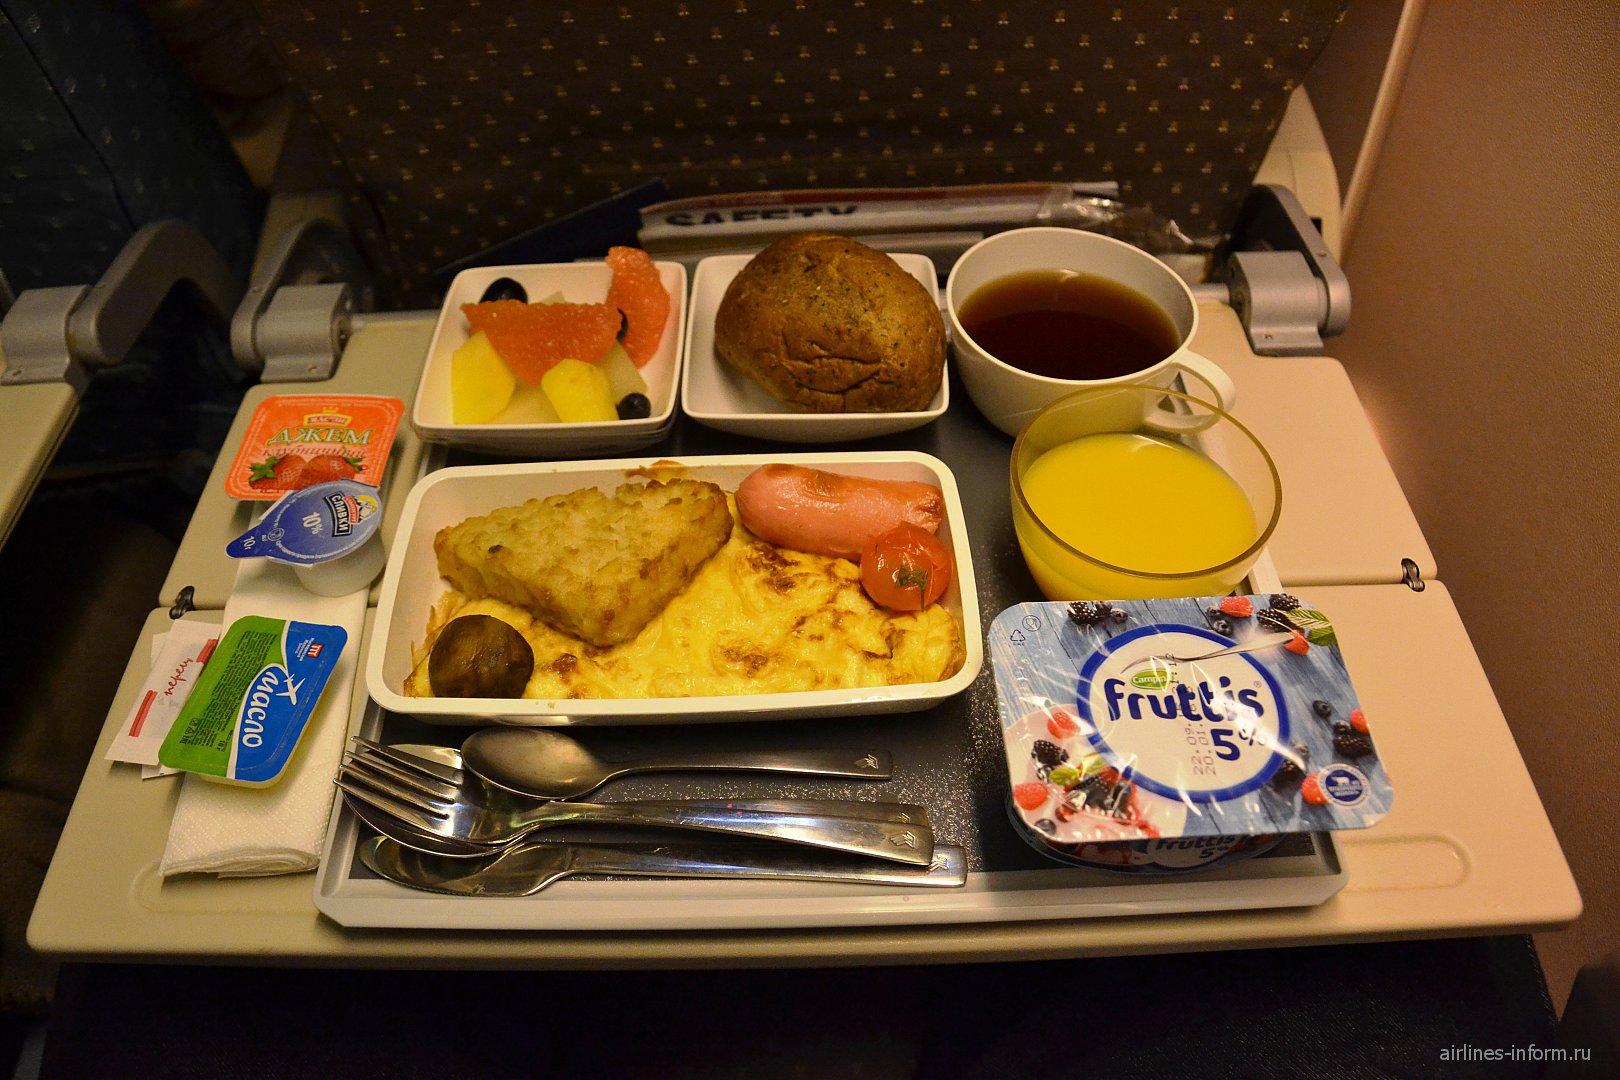 Завтрак на рейсе Москва-Сингапур Сингапурских авиалиний